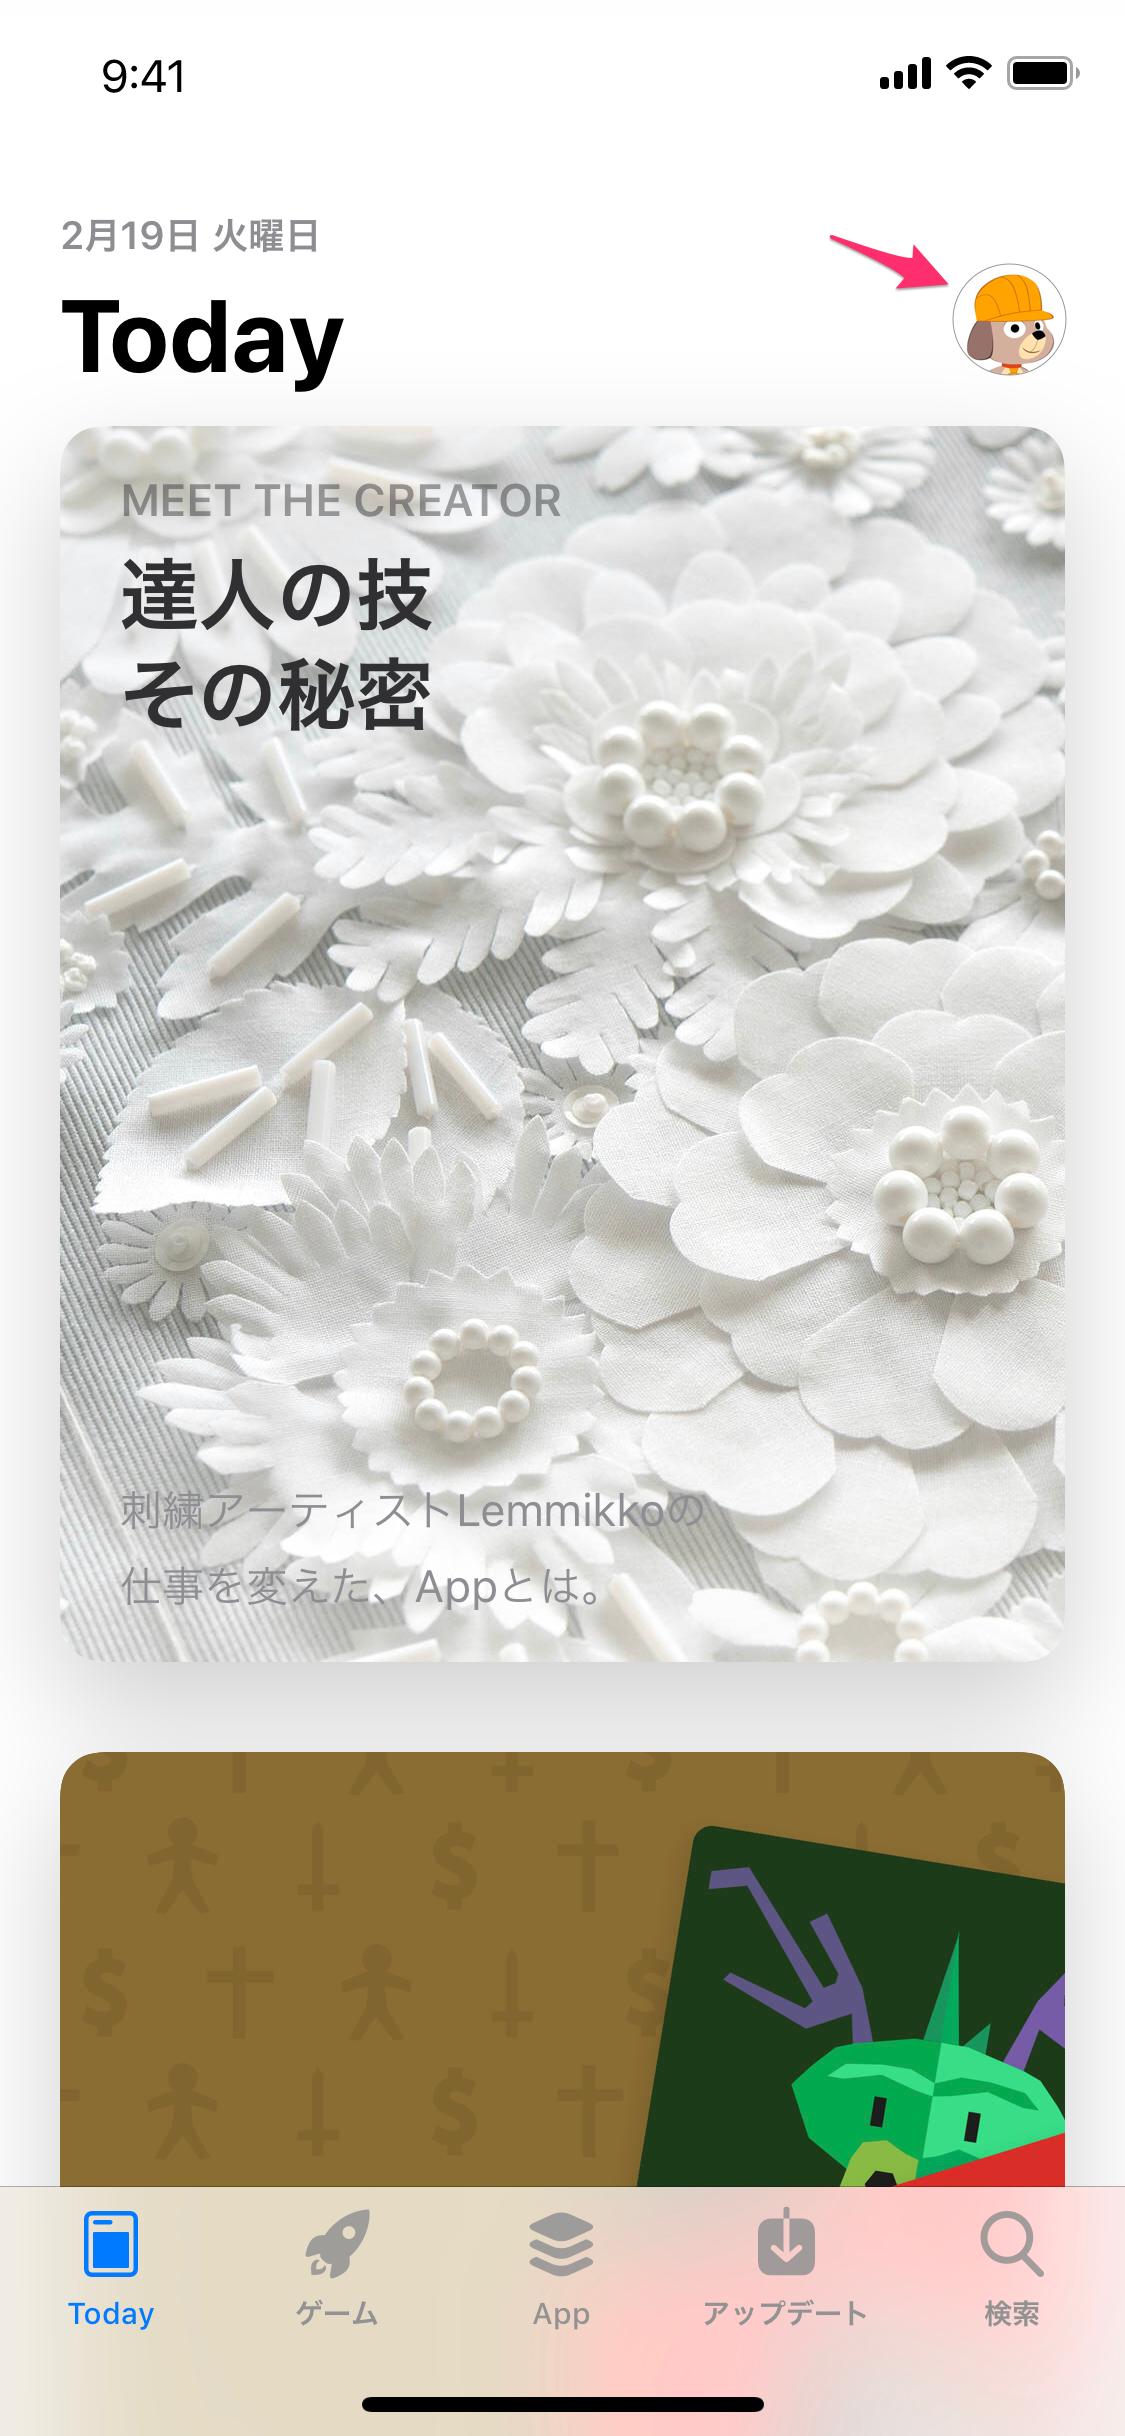 アプリ内課金を解約する(自動更新購読をオフにする)【iOS